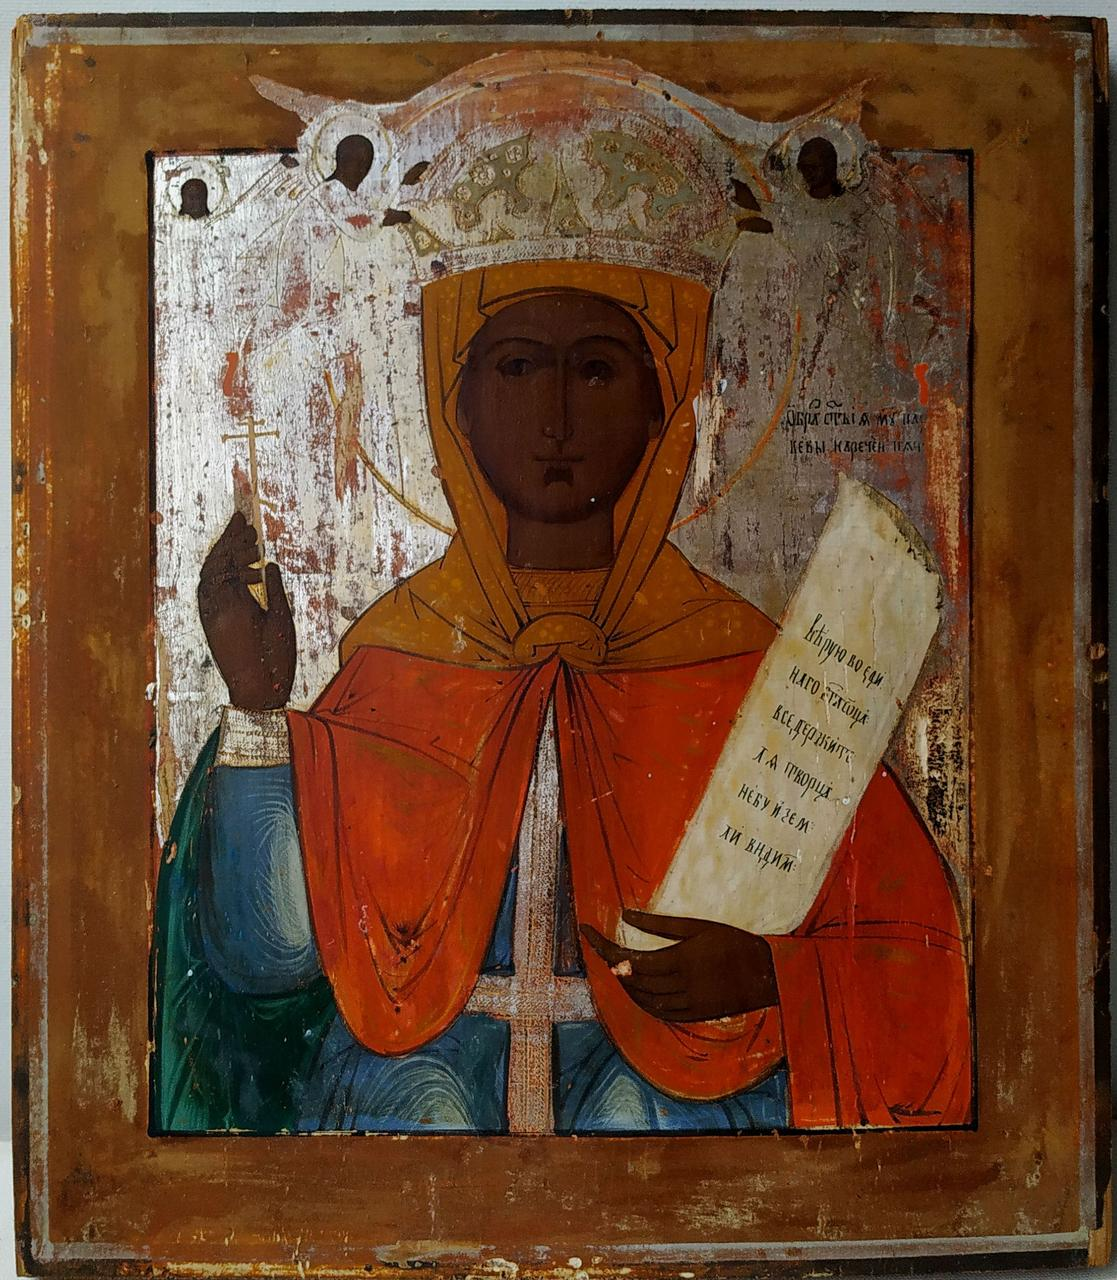 Икона св. Параскева Пятница 19 век Россия